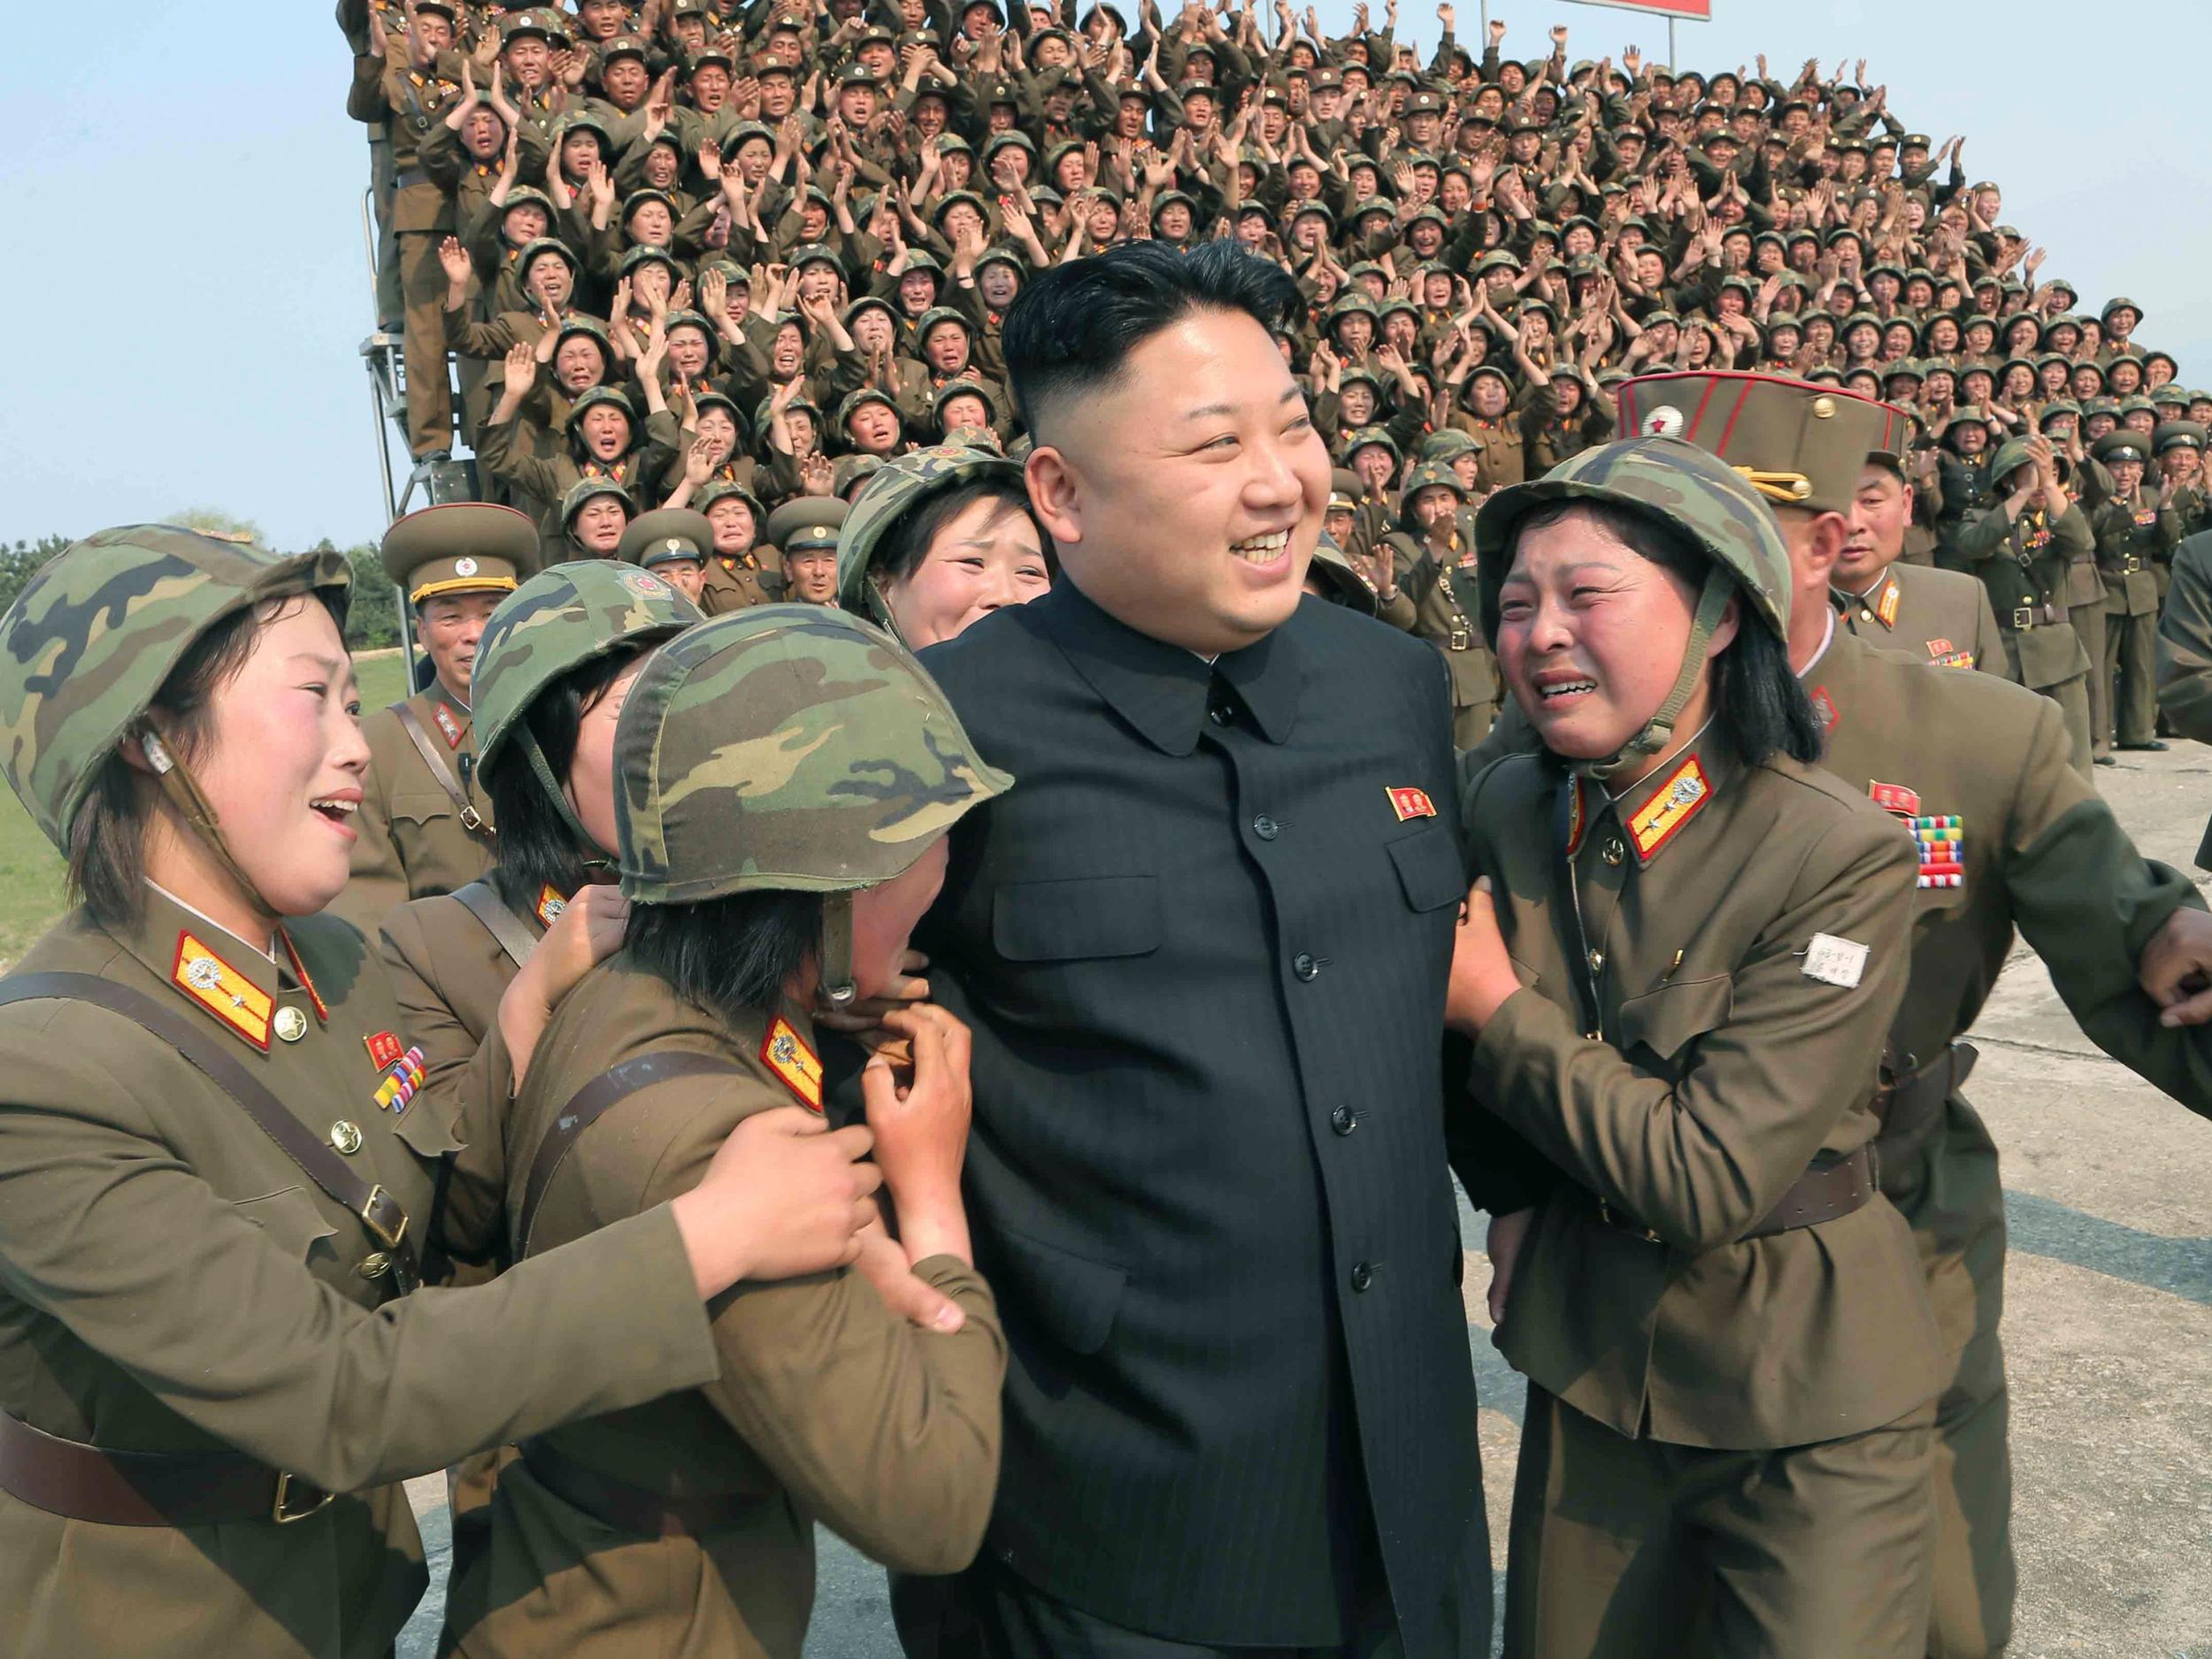 North Korean leader Kim Jong Un greets a women's subunit during a rocket launching drill Reuters/KCNA KCNA